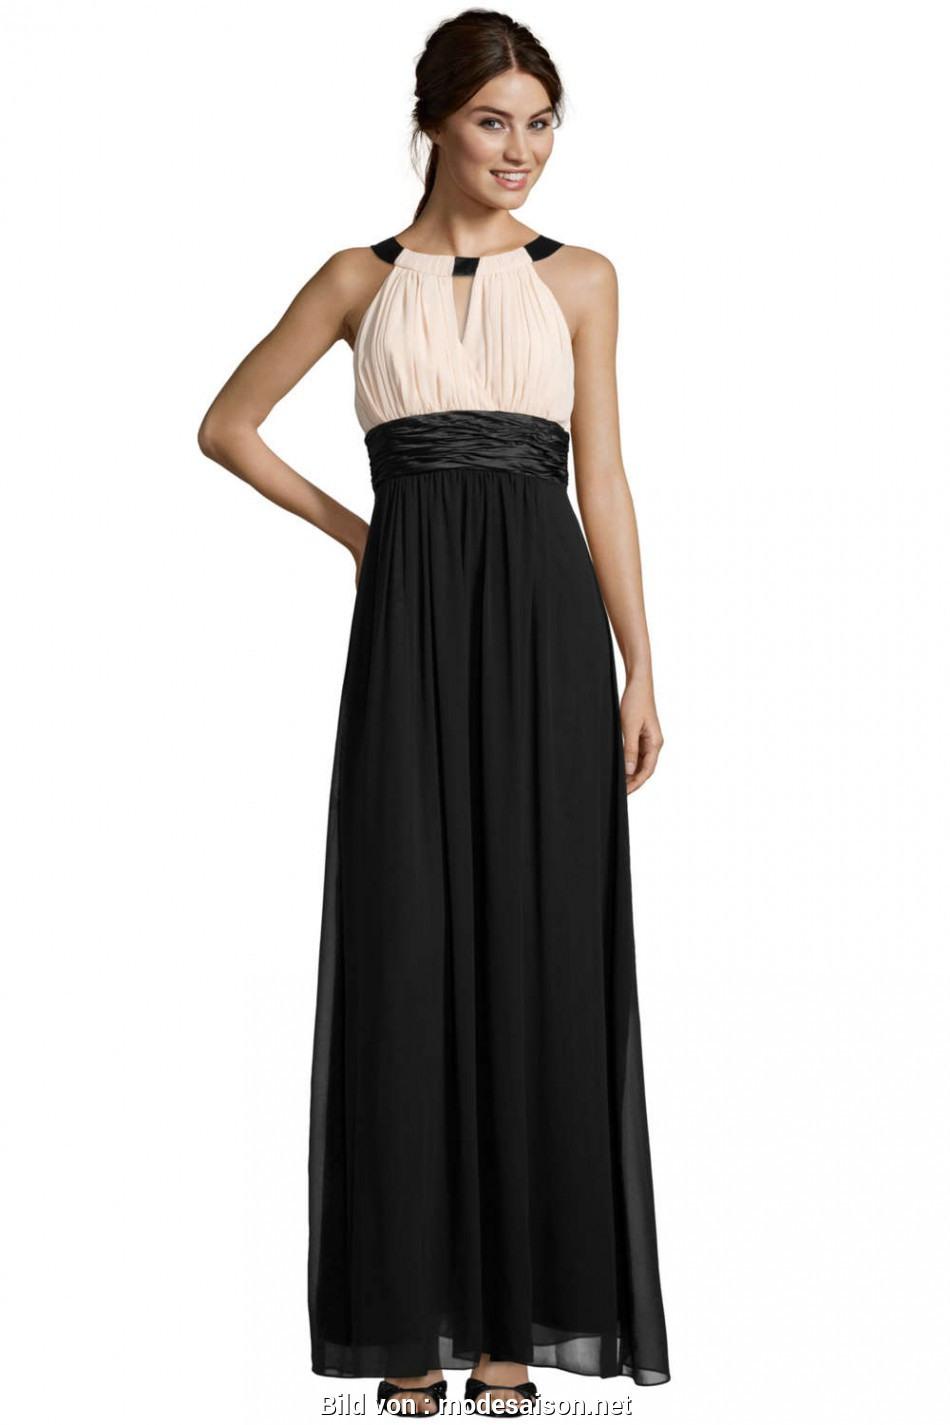 Designer Einfach Abend Ballkleider Zara Galerie13 Kreativ Abend Ballkleider Zara Vertrieb